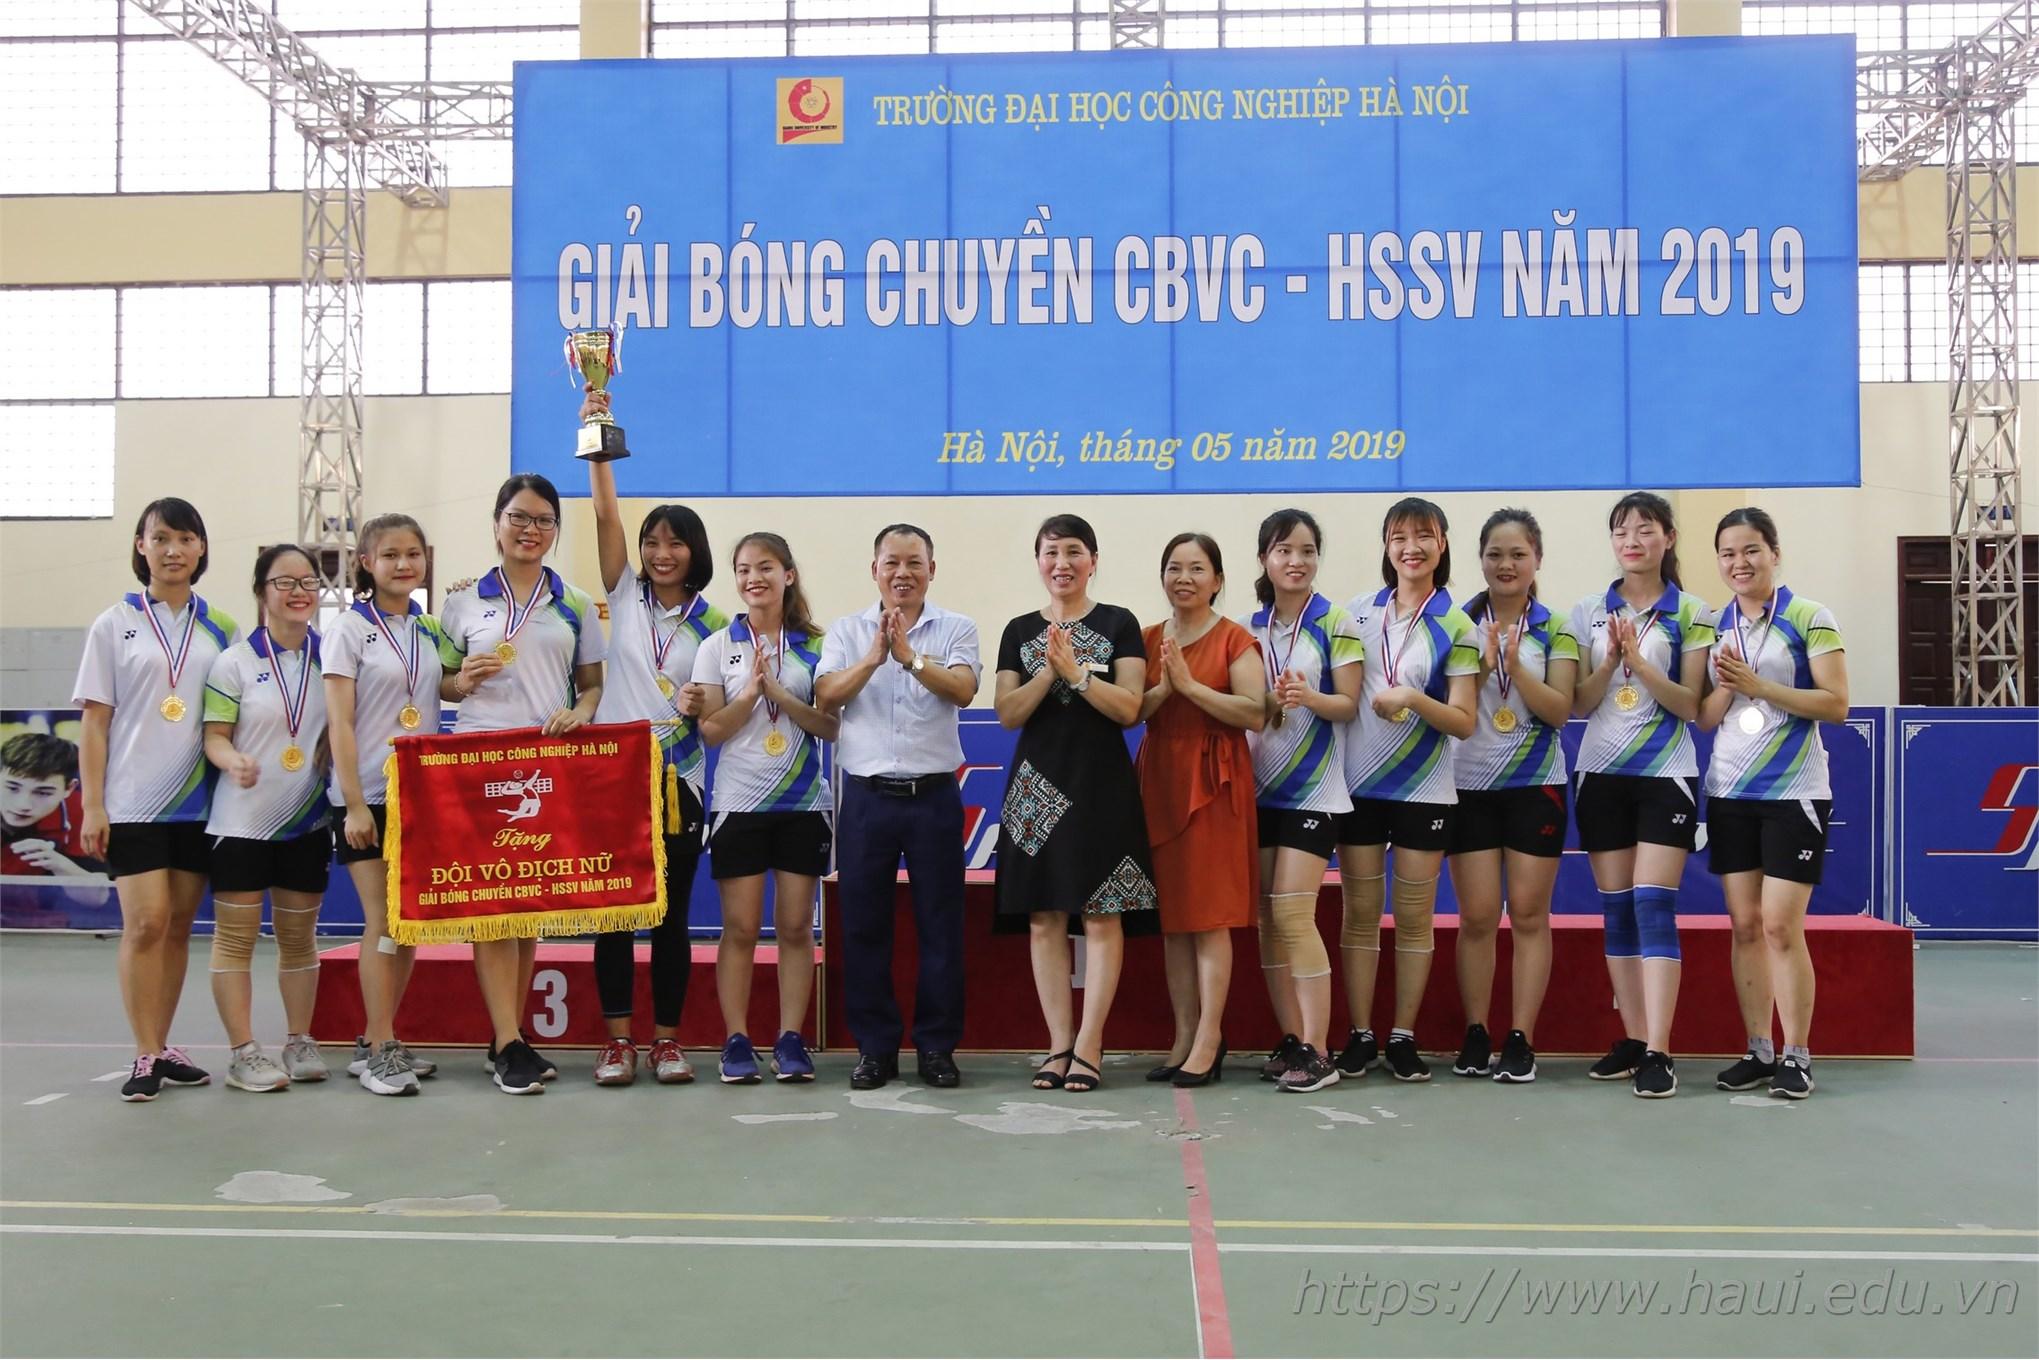 Giải bóng chuyền CBVC-HSSV Đại học Công nghiệp Hà Nội 2019